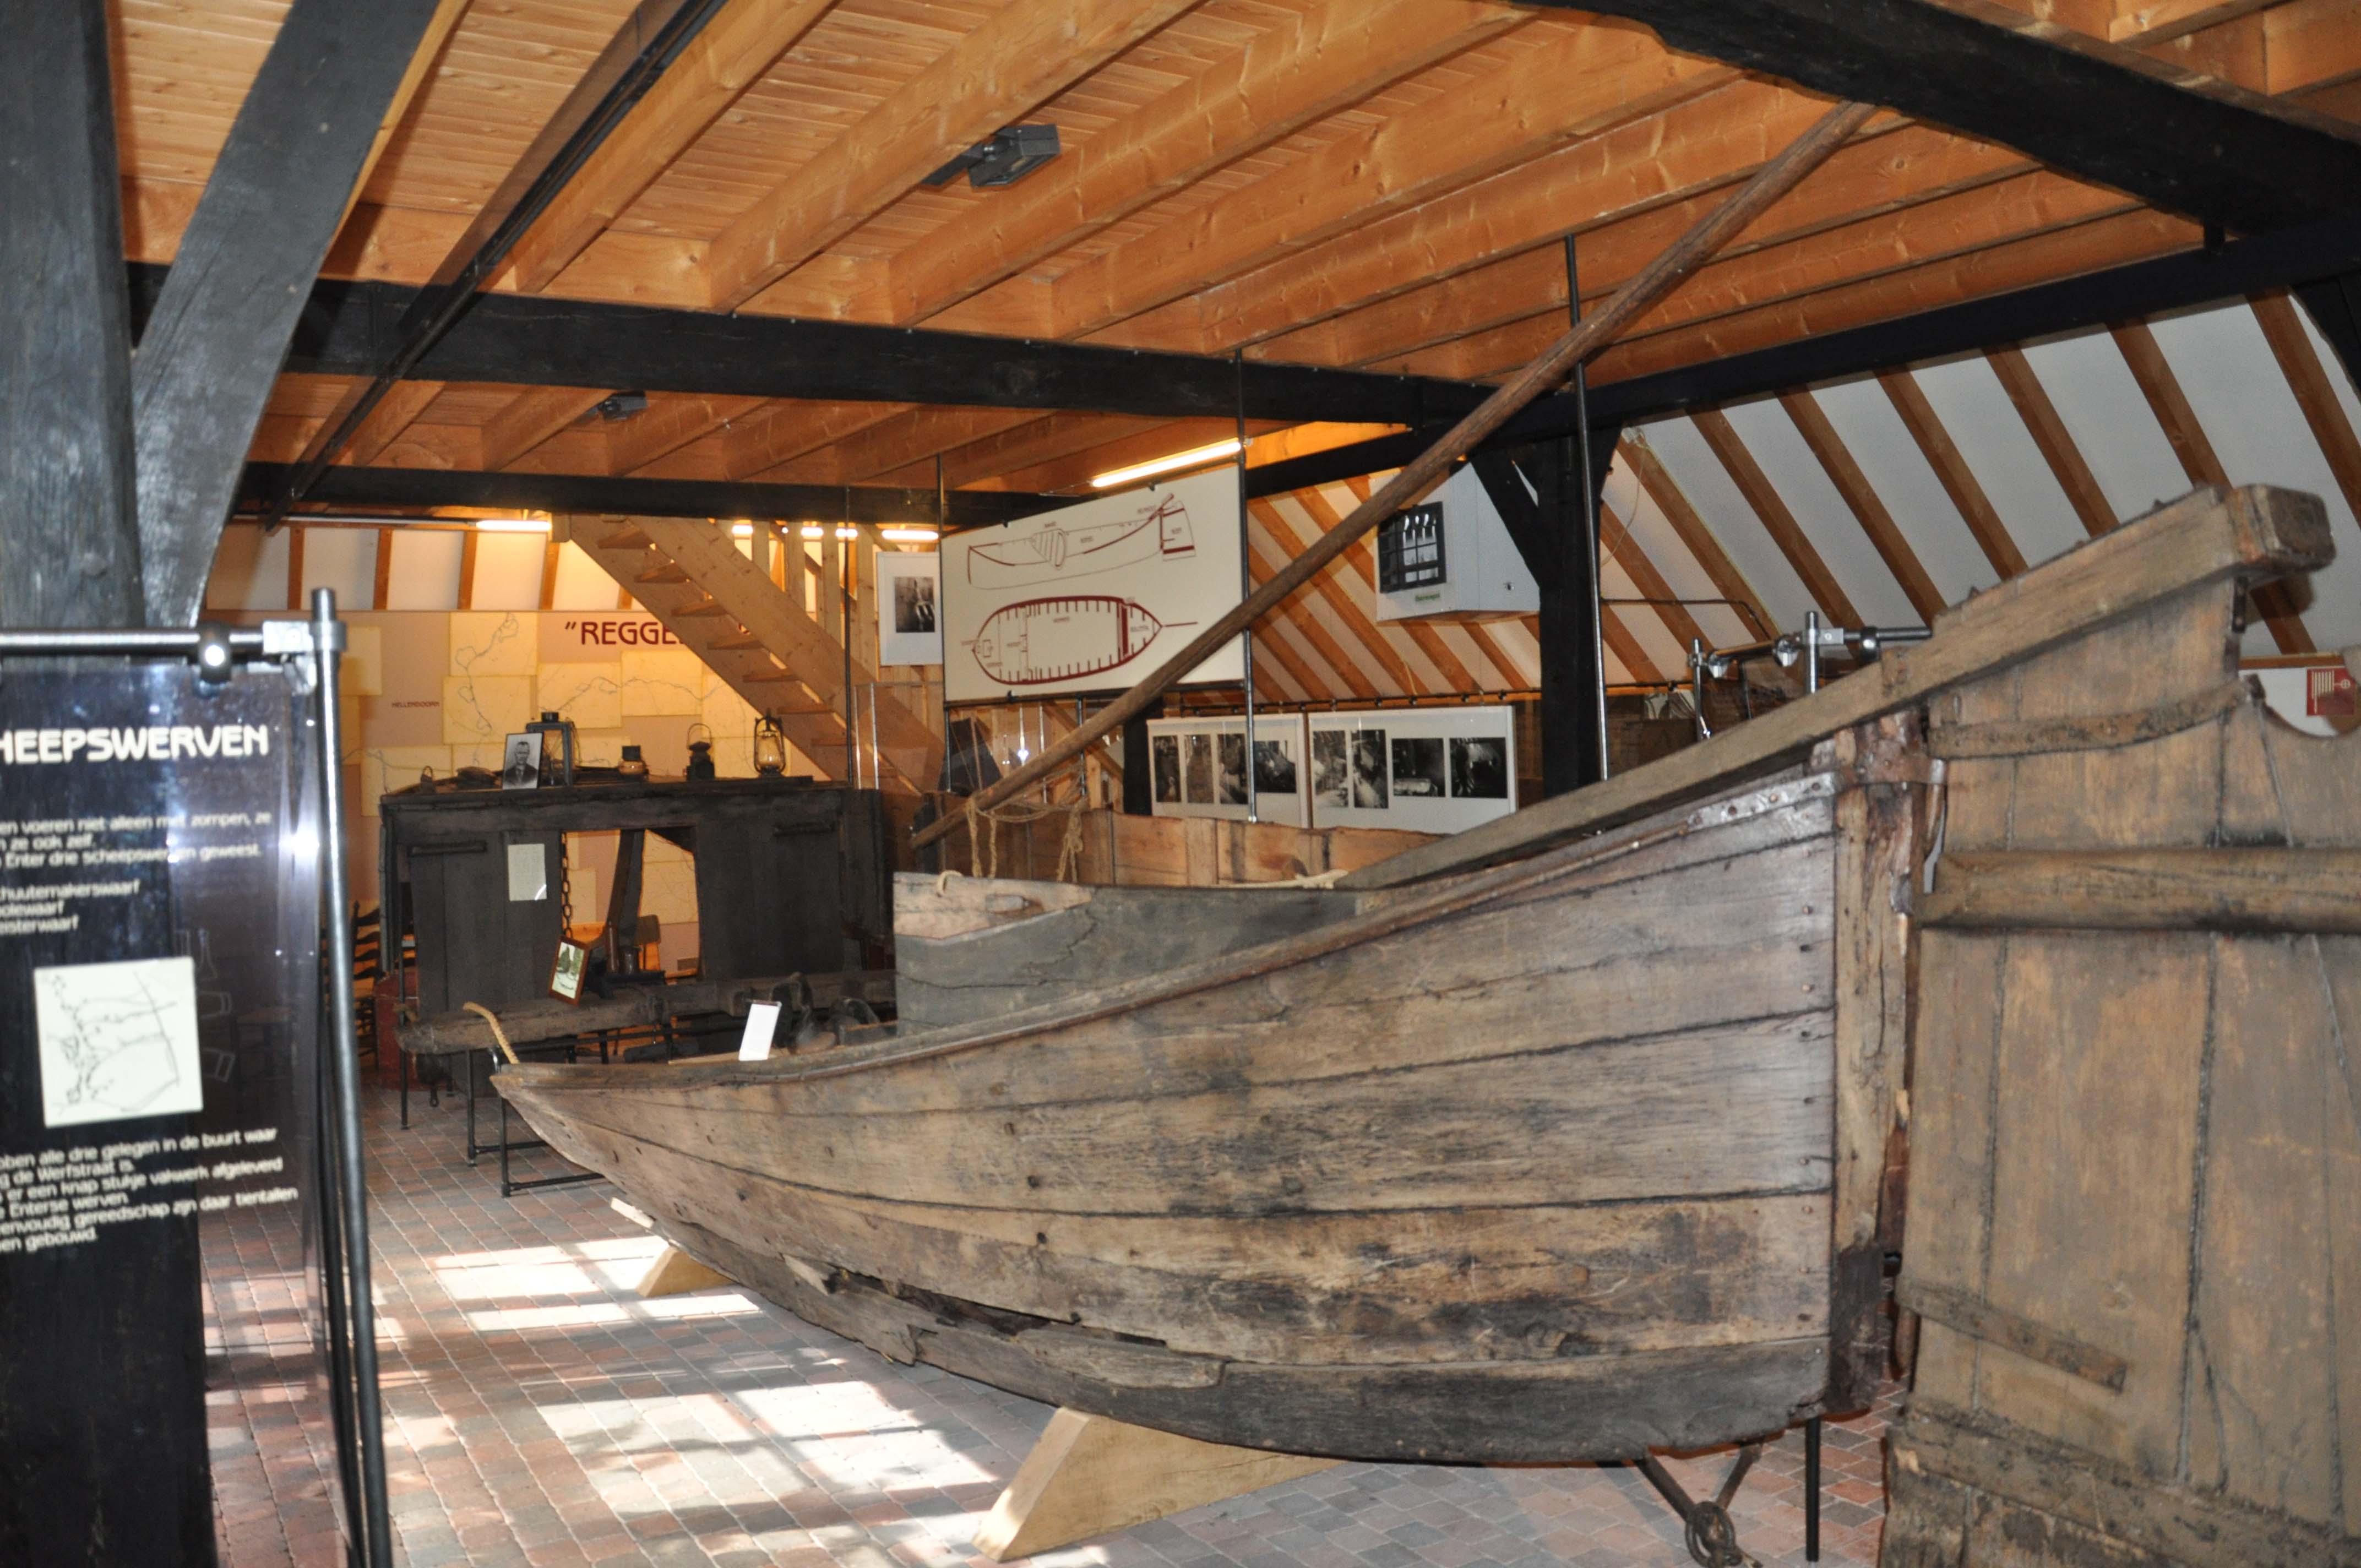 Zompenmuseum 1